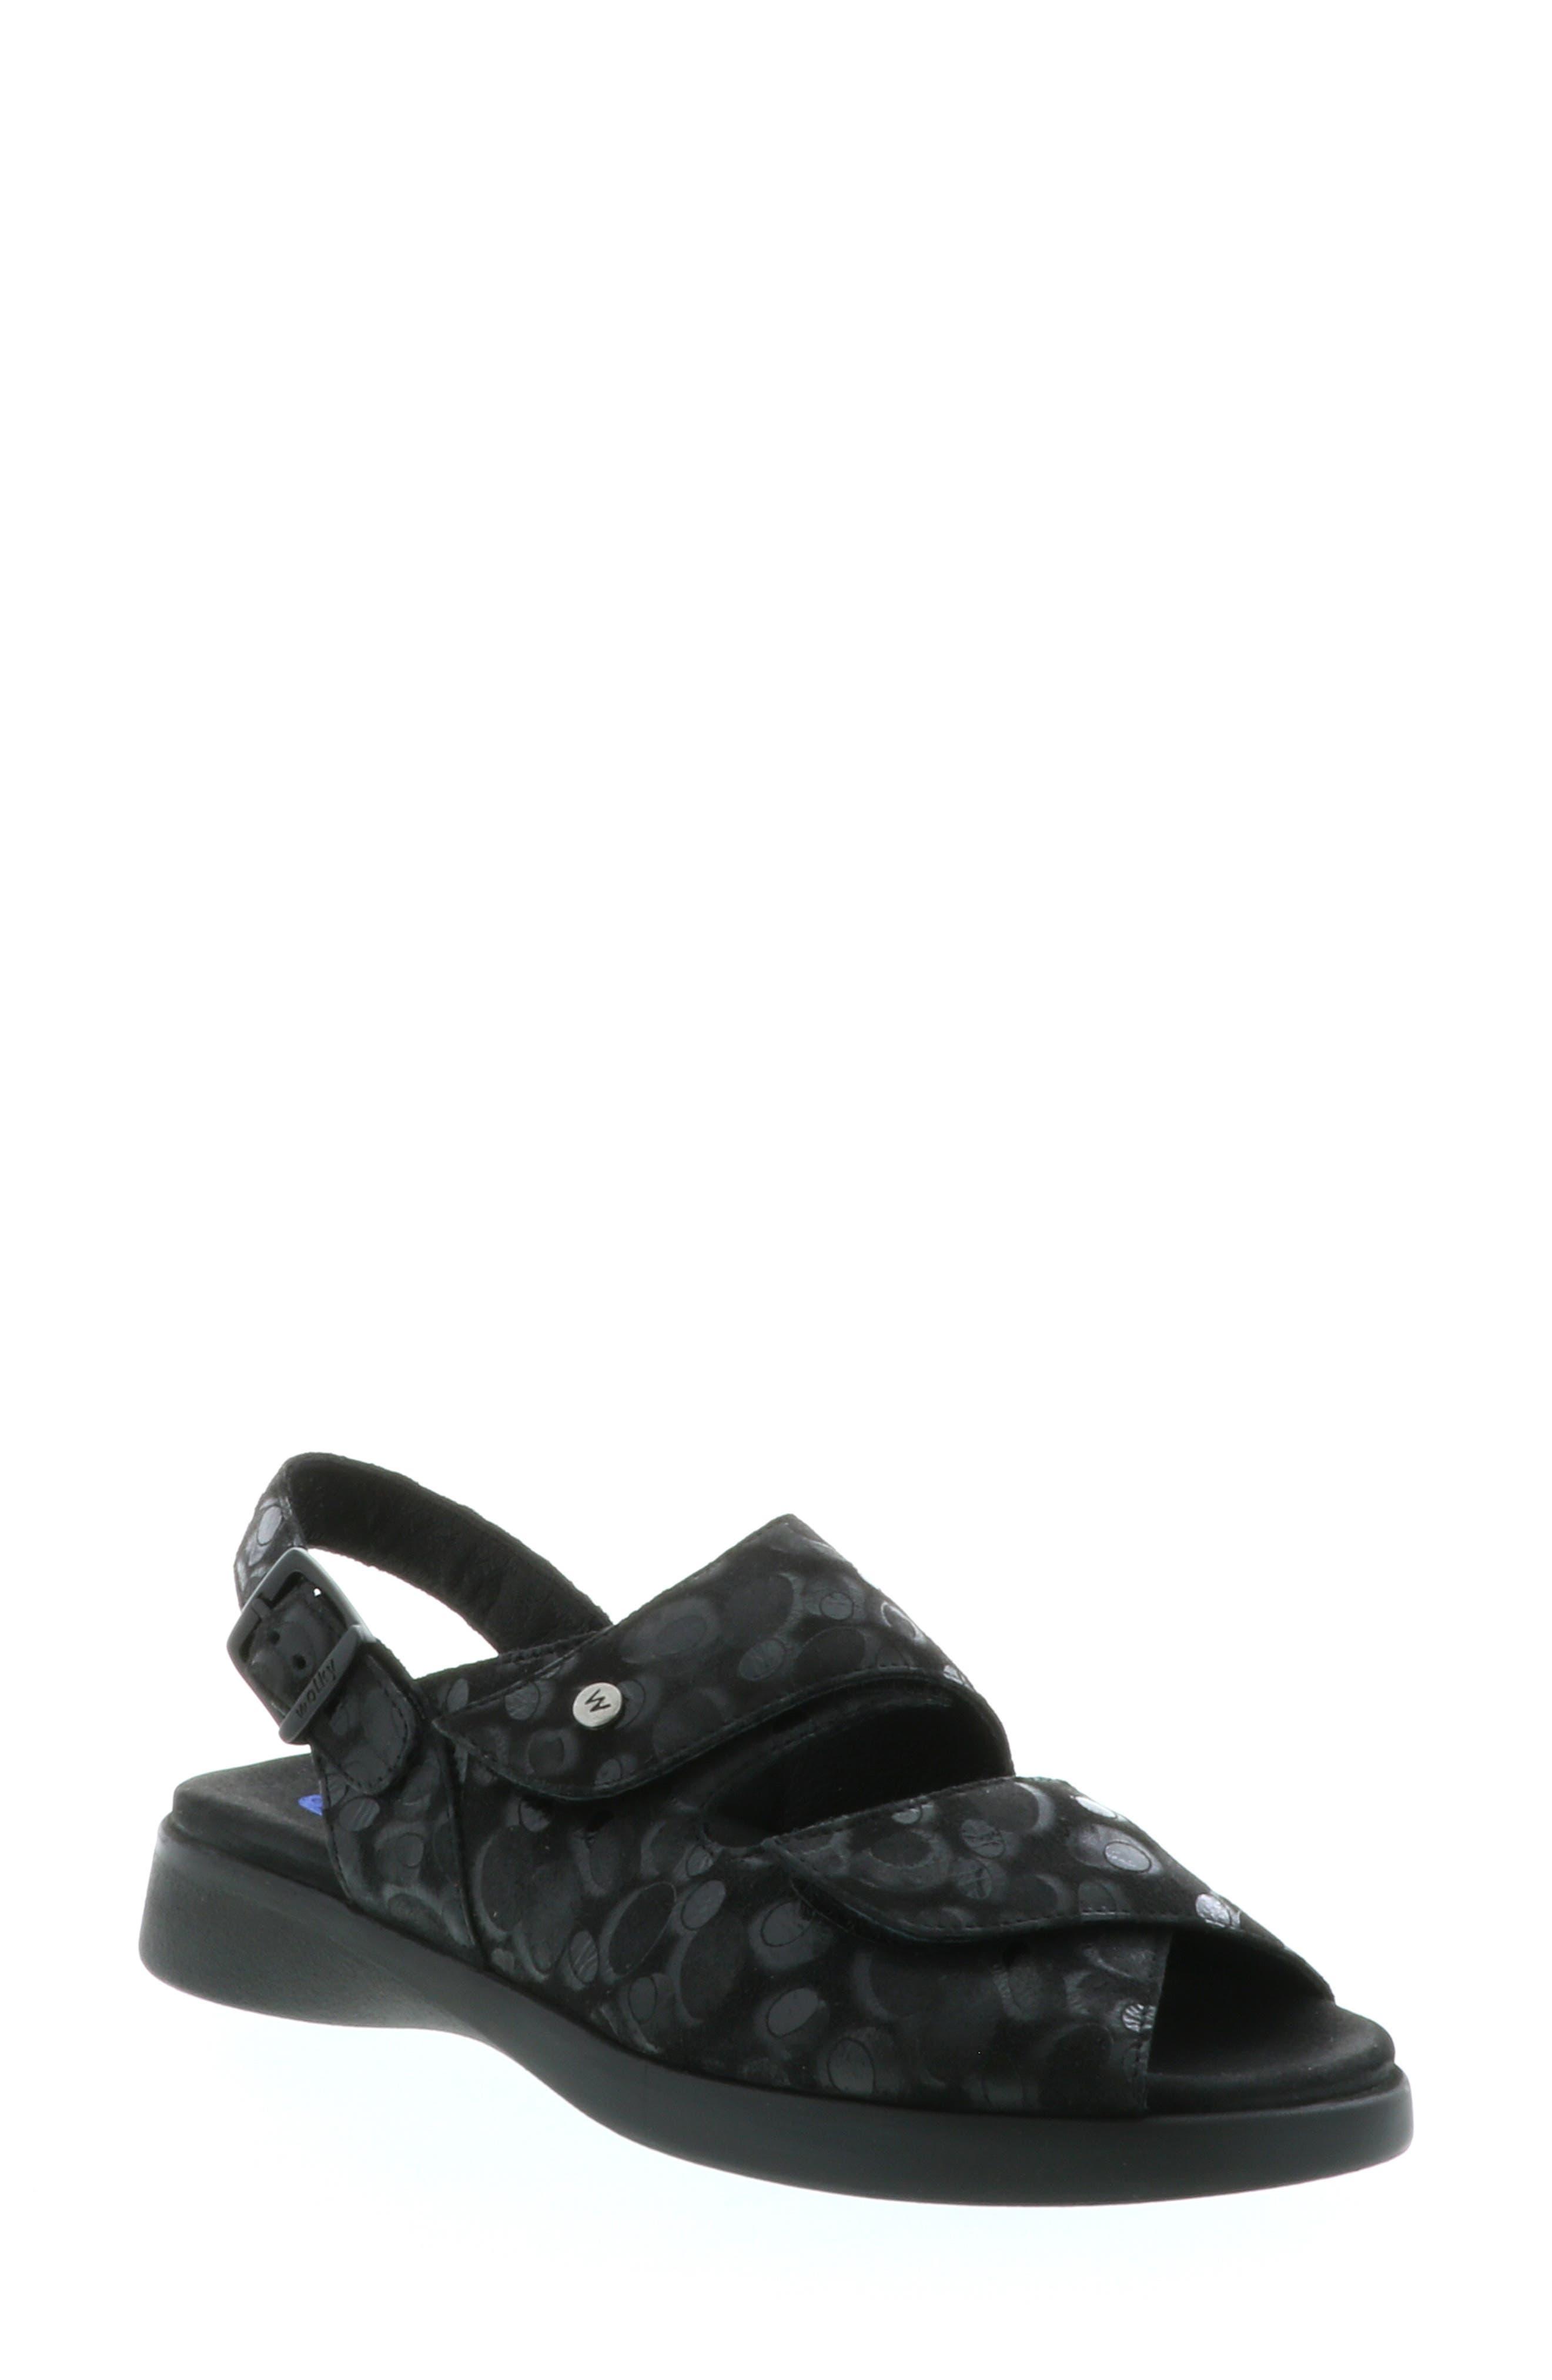 Nimes Sandal,                             Main thumbnail 1, color,                             BLACK